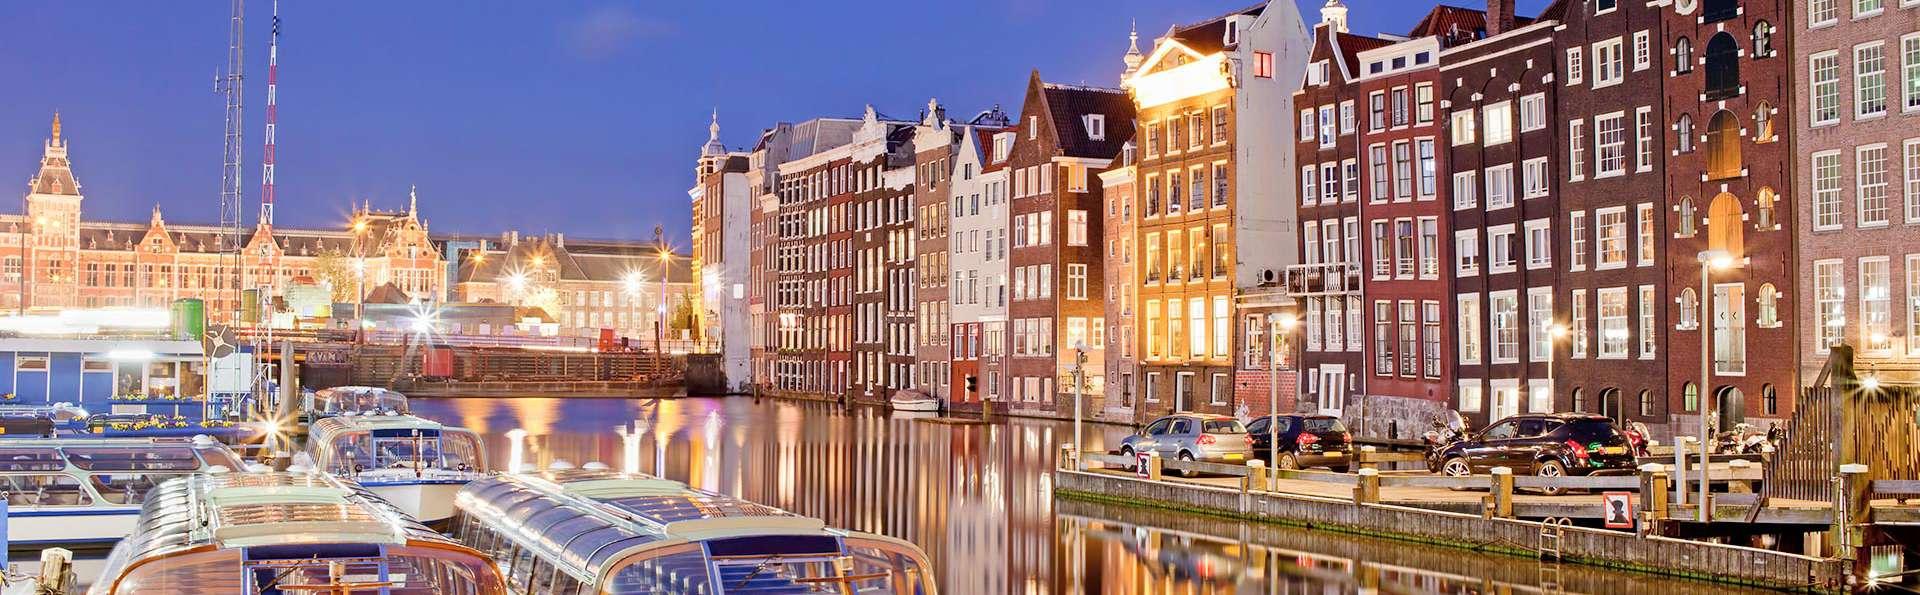 Relájate en un ambiente de diseño en las afueras de Ámsterdam